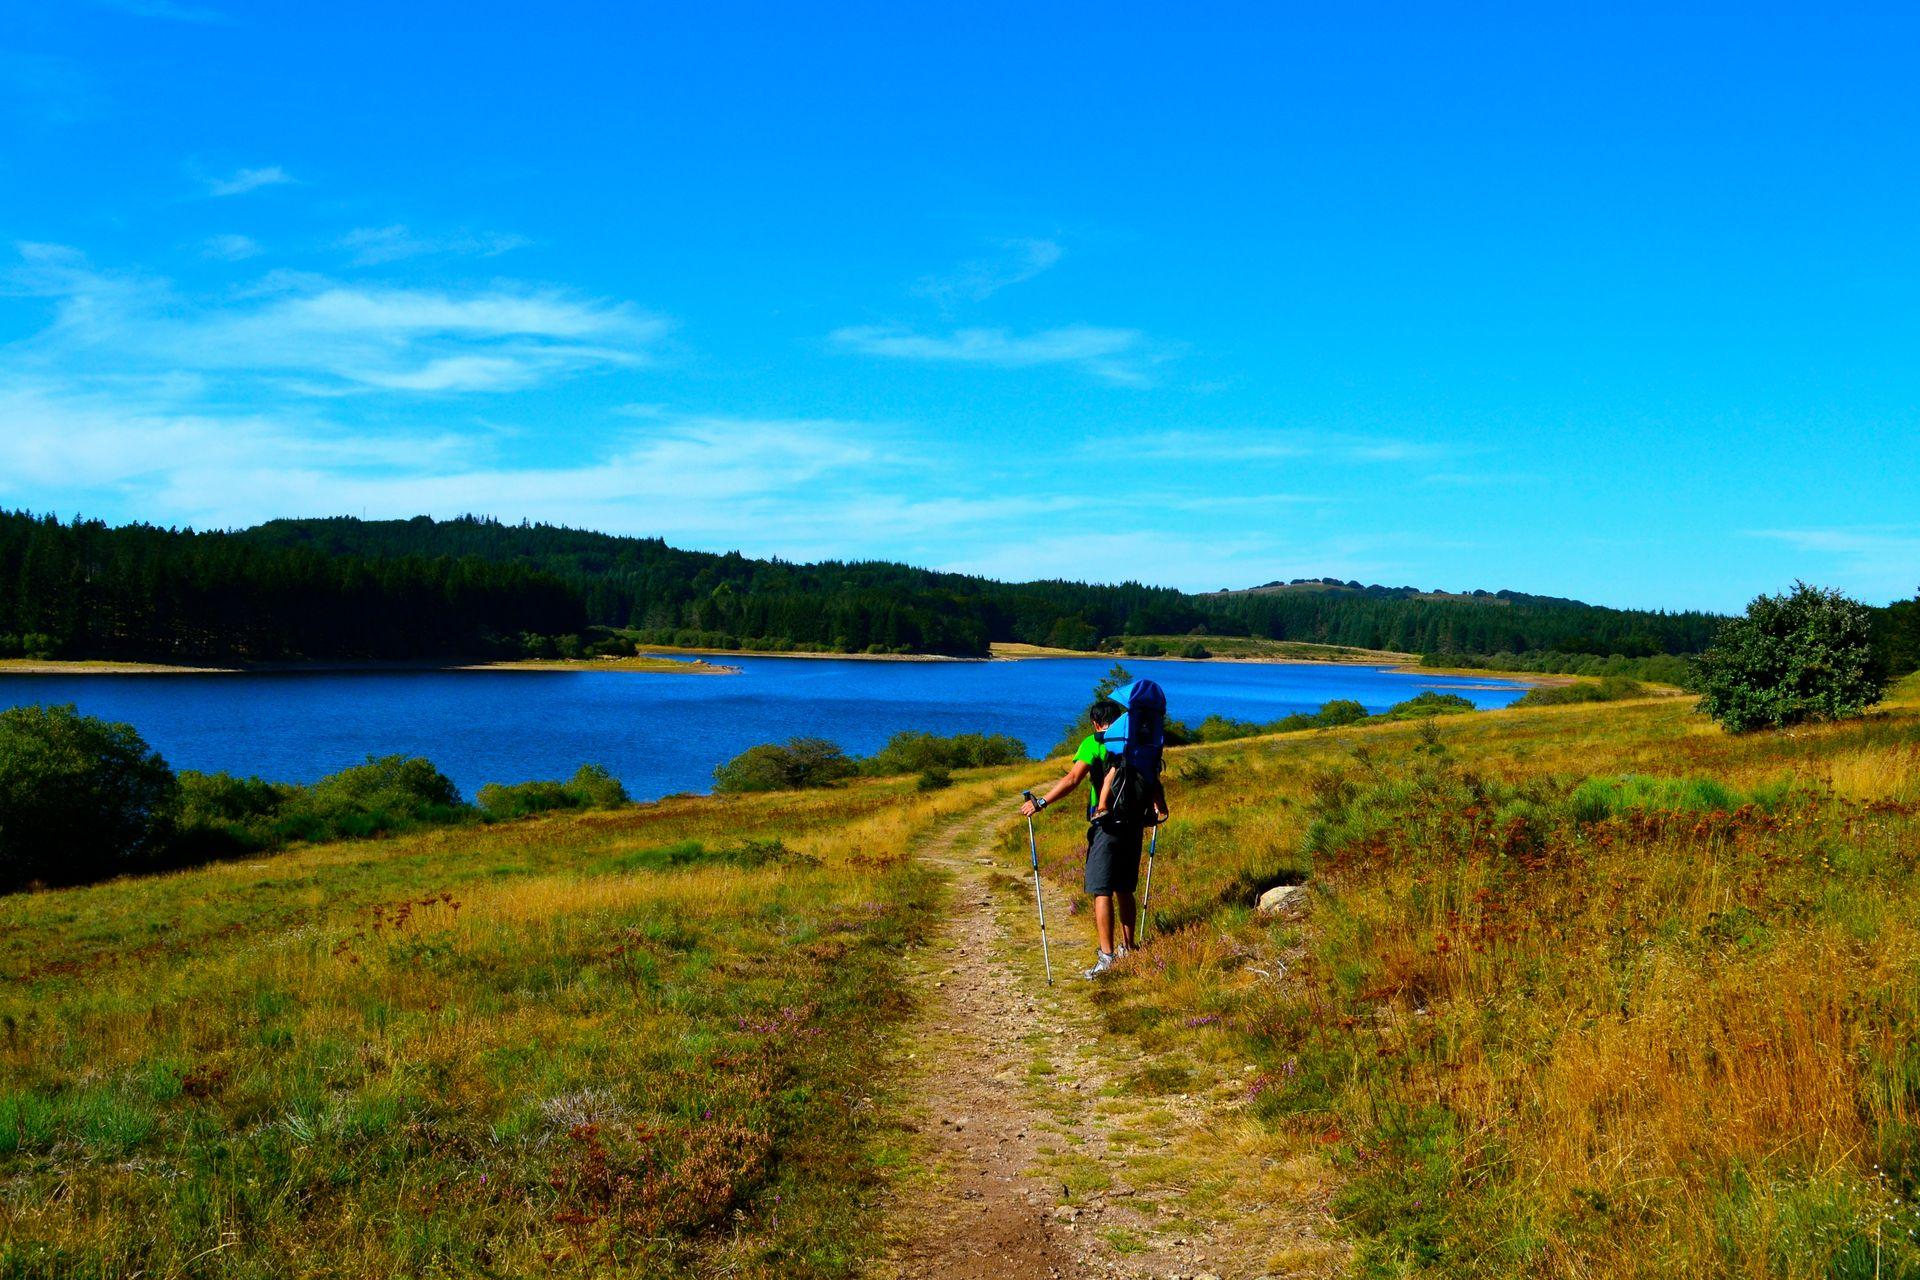 Randonnée en famille autour du lac de Vésoles